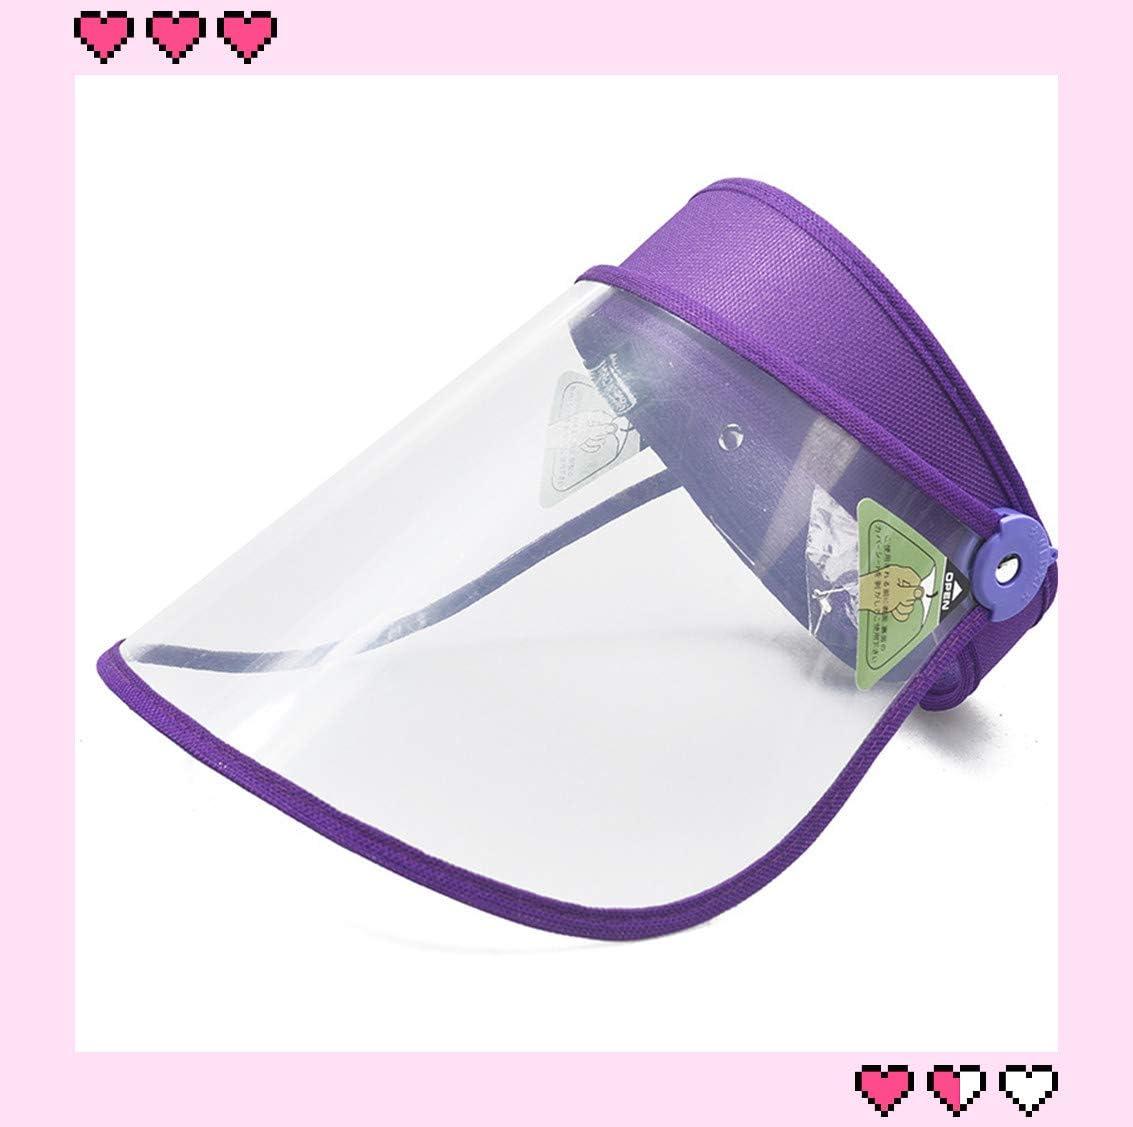 Película Protección saliva Facial, anti-arena, anti-niebla, sombrero marco visera ajustable (púrpura)